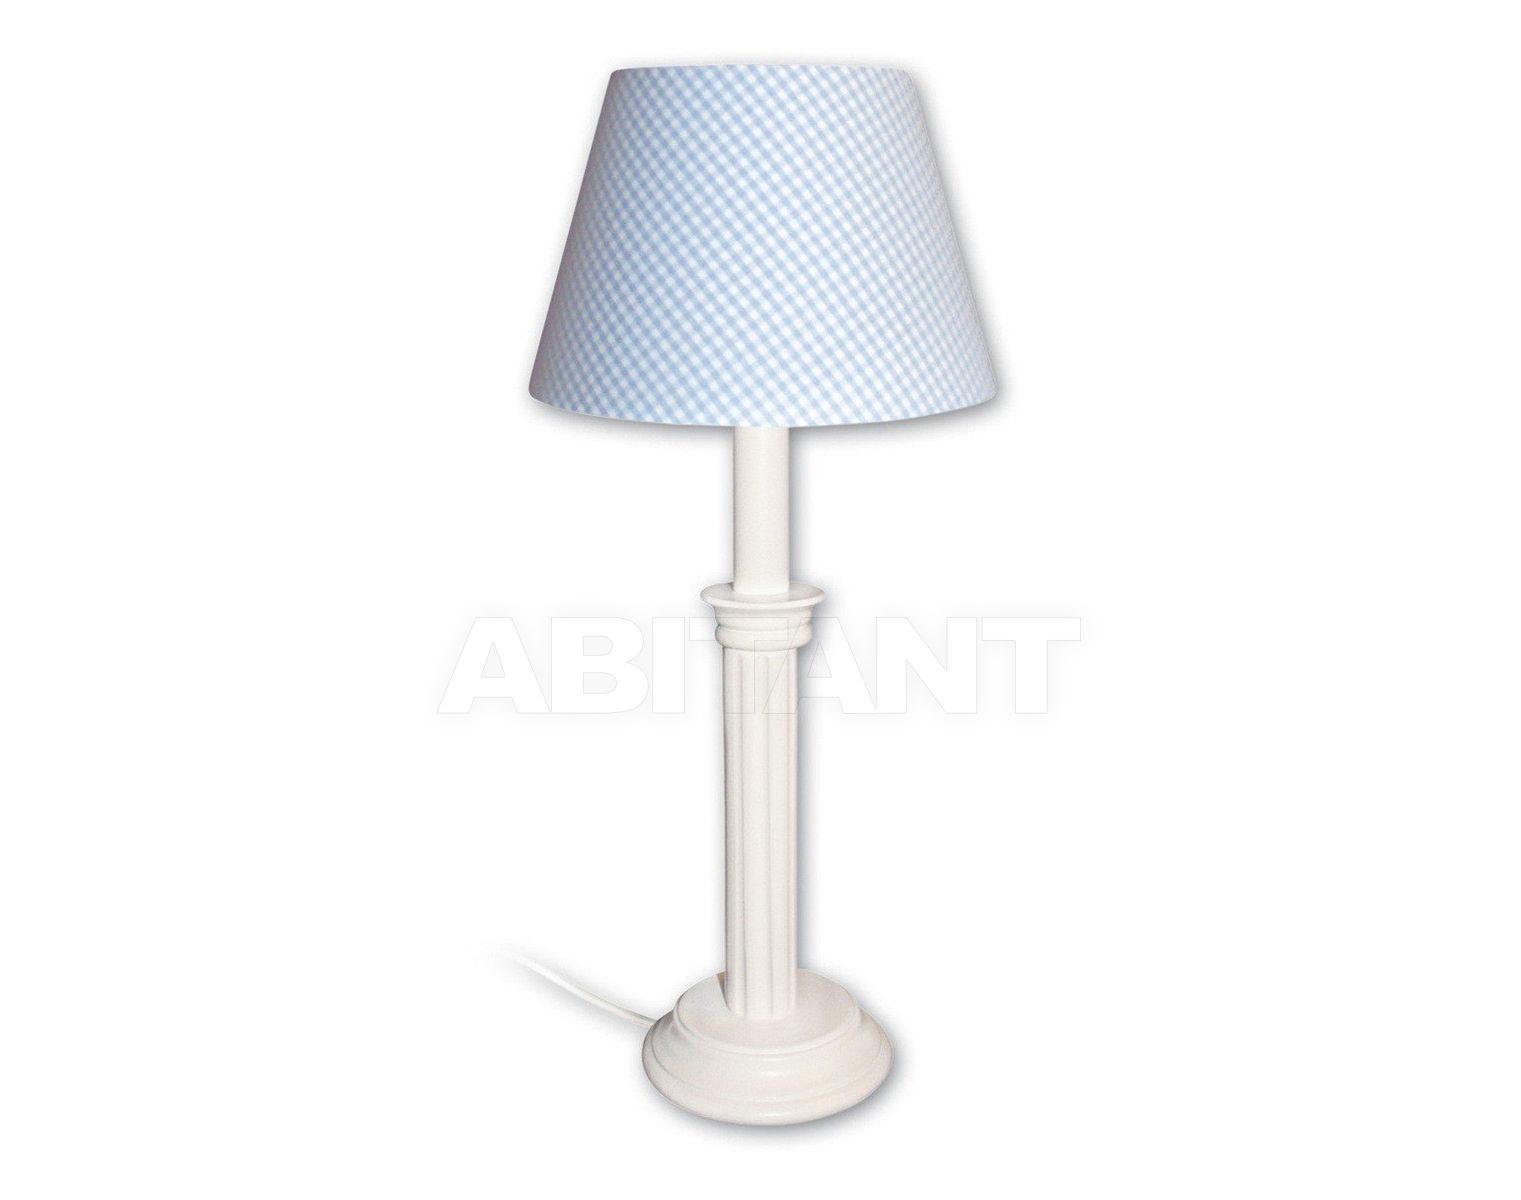 Купить Светильник для детской Waldi Leuchten Lampen Fur Kinder 2012 81504.0